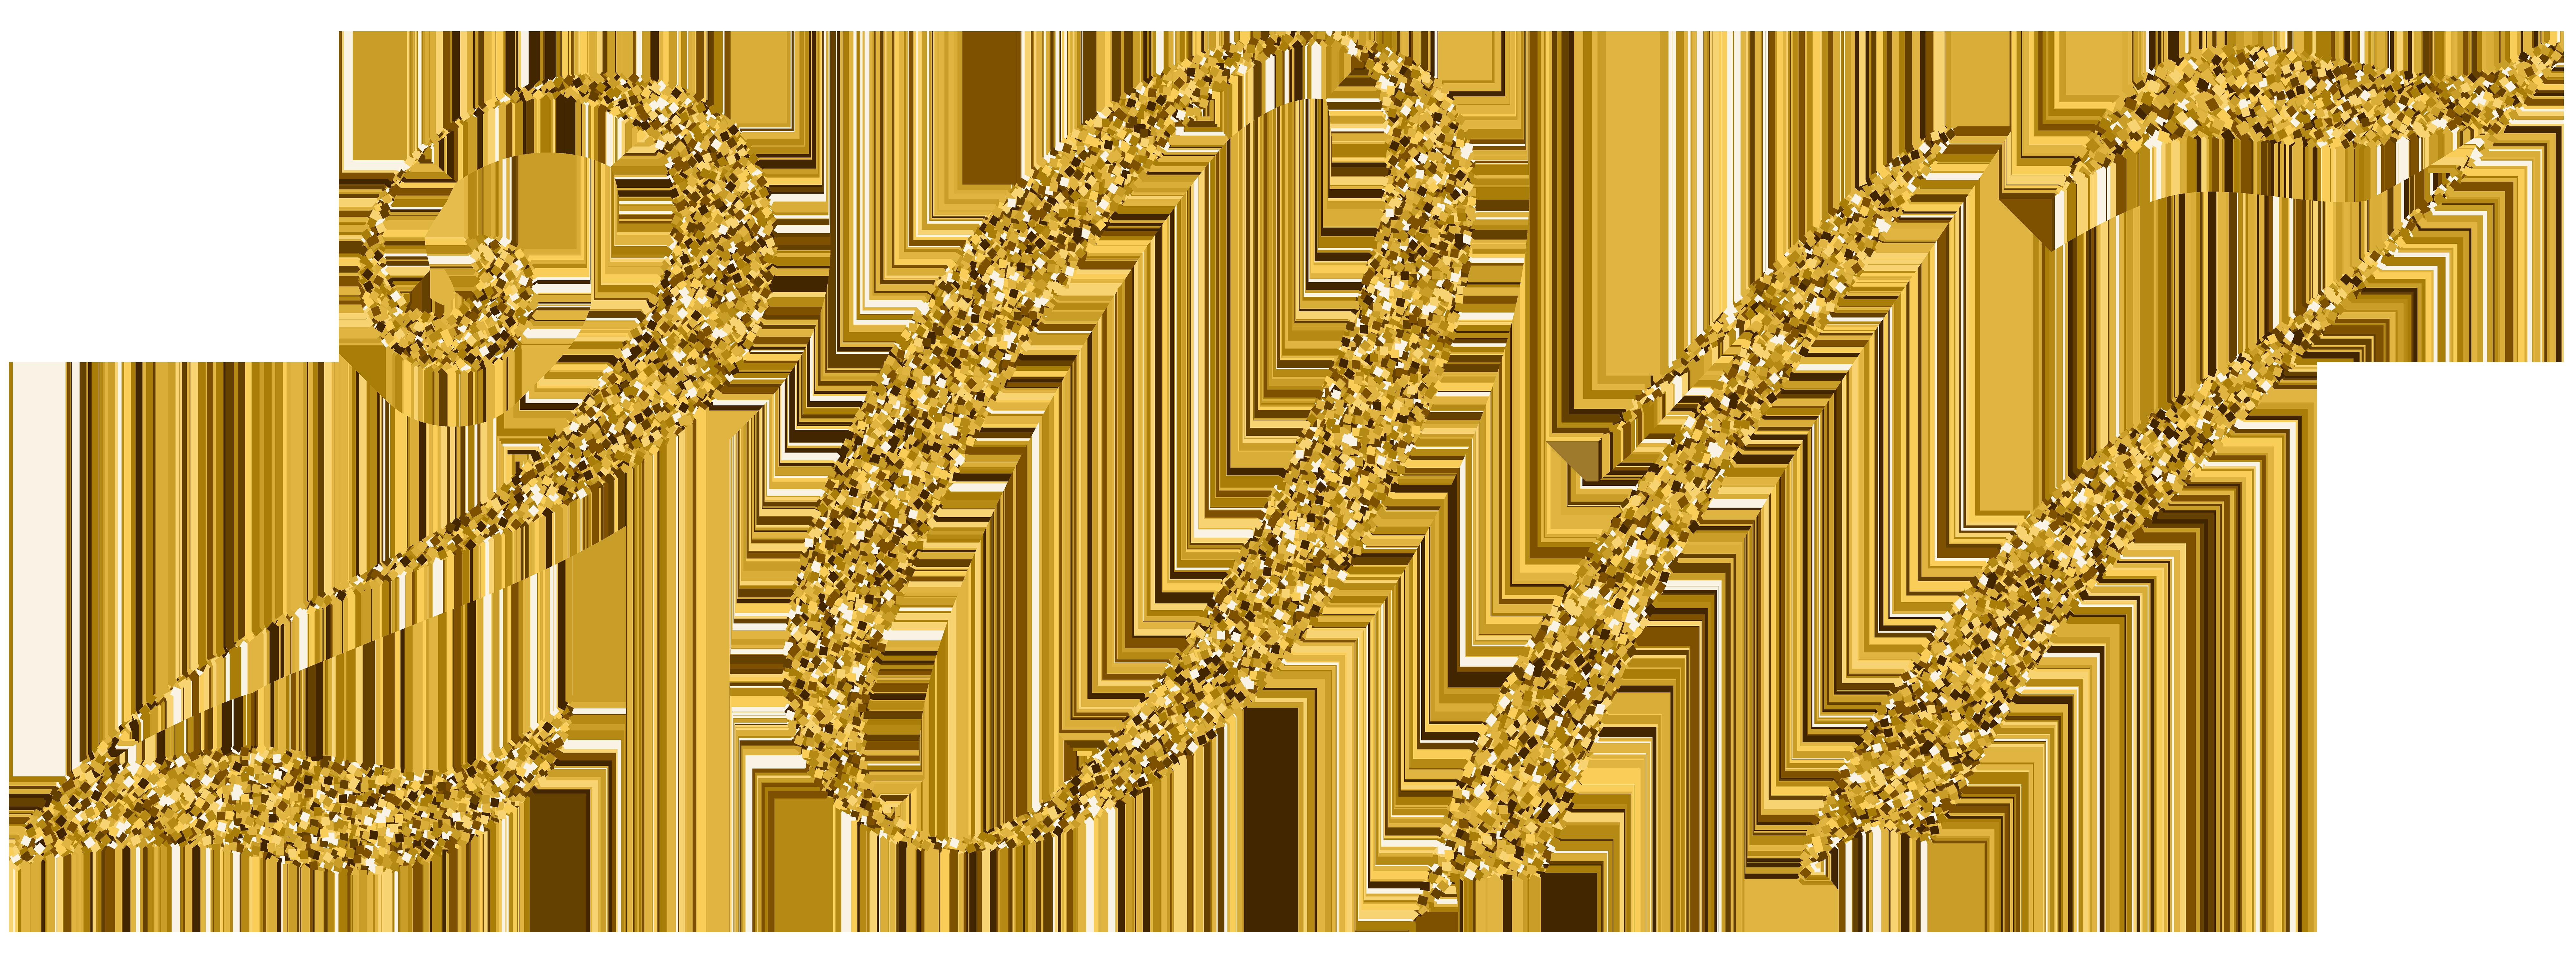 2017 clipart gold.  png clip art